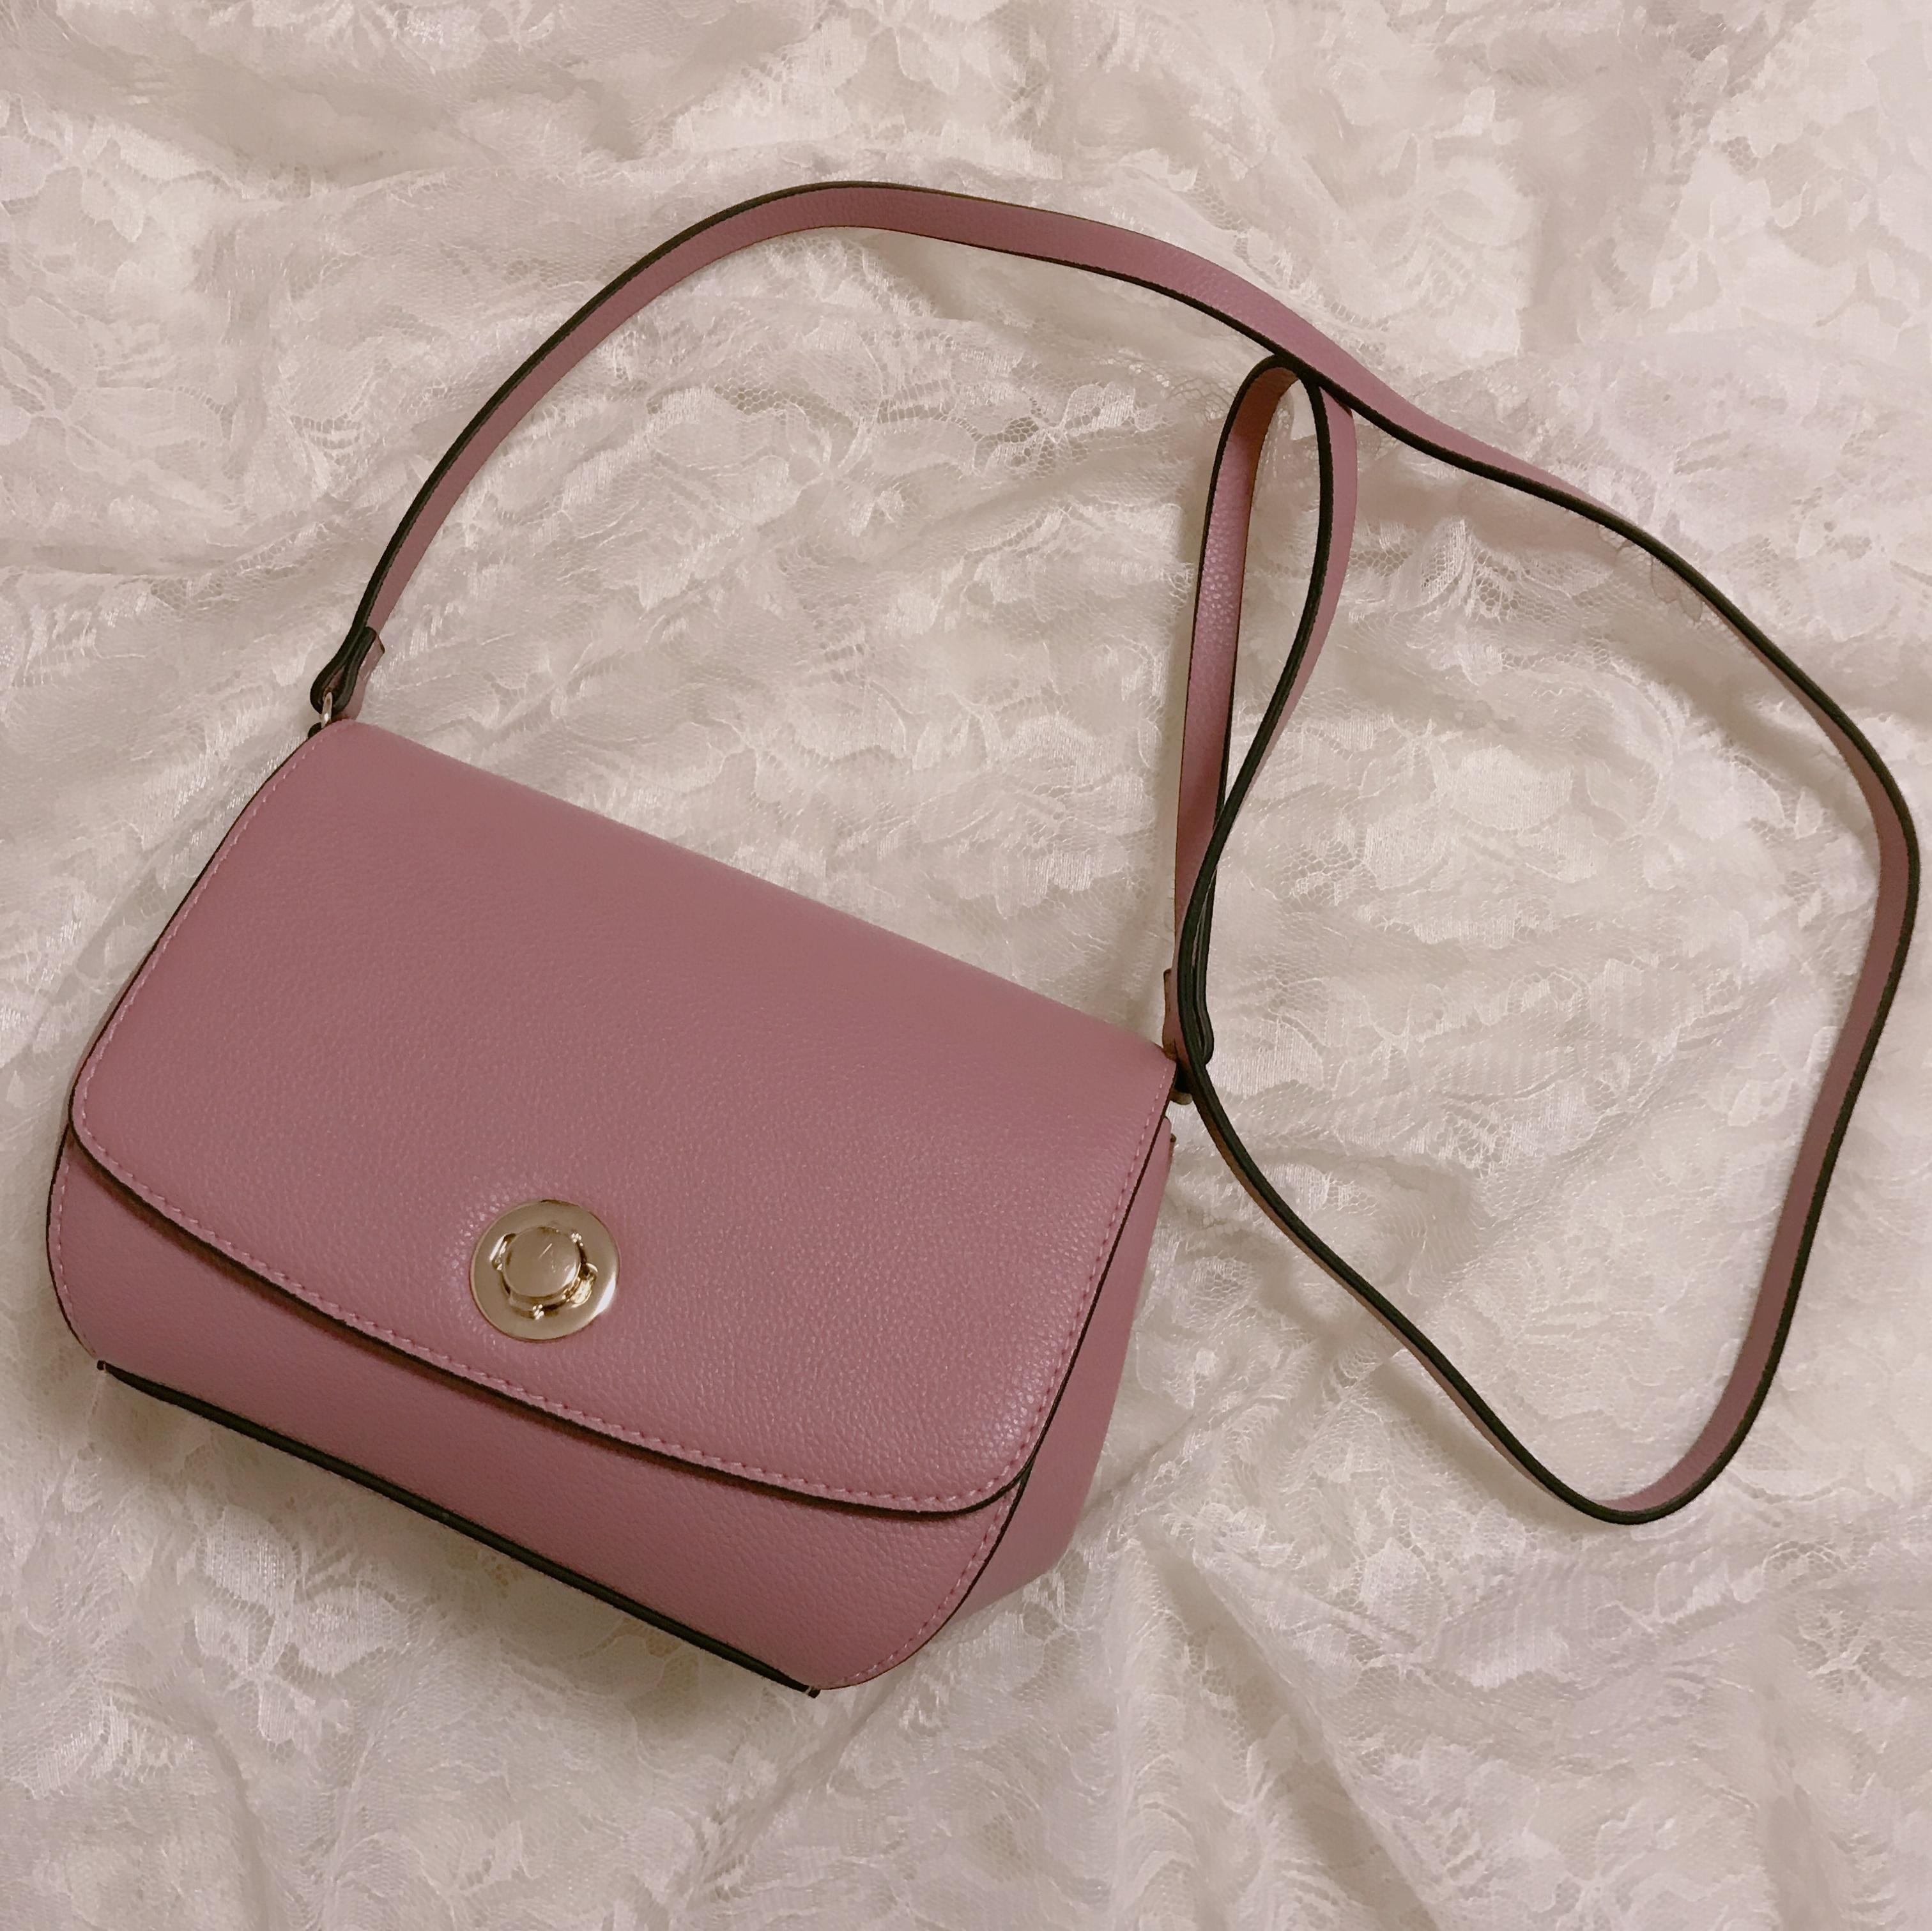 【H&M】ショルダーバッグが2000円以下❤︎プチプラなら挑戦しやすいアクセントカラーがおすすめ!_1